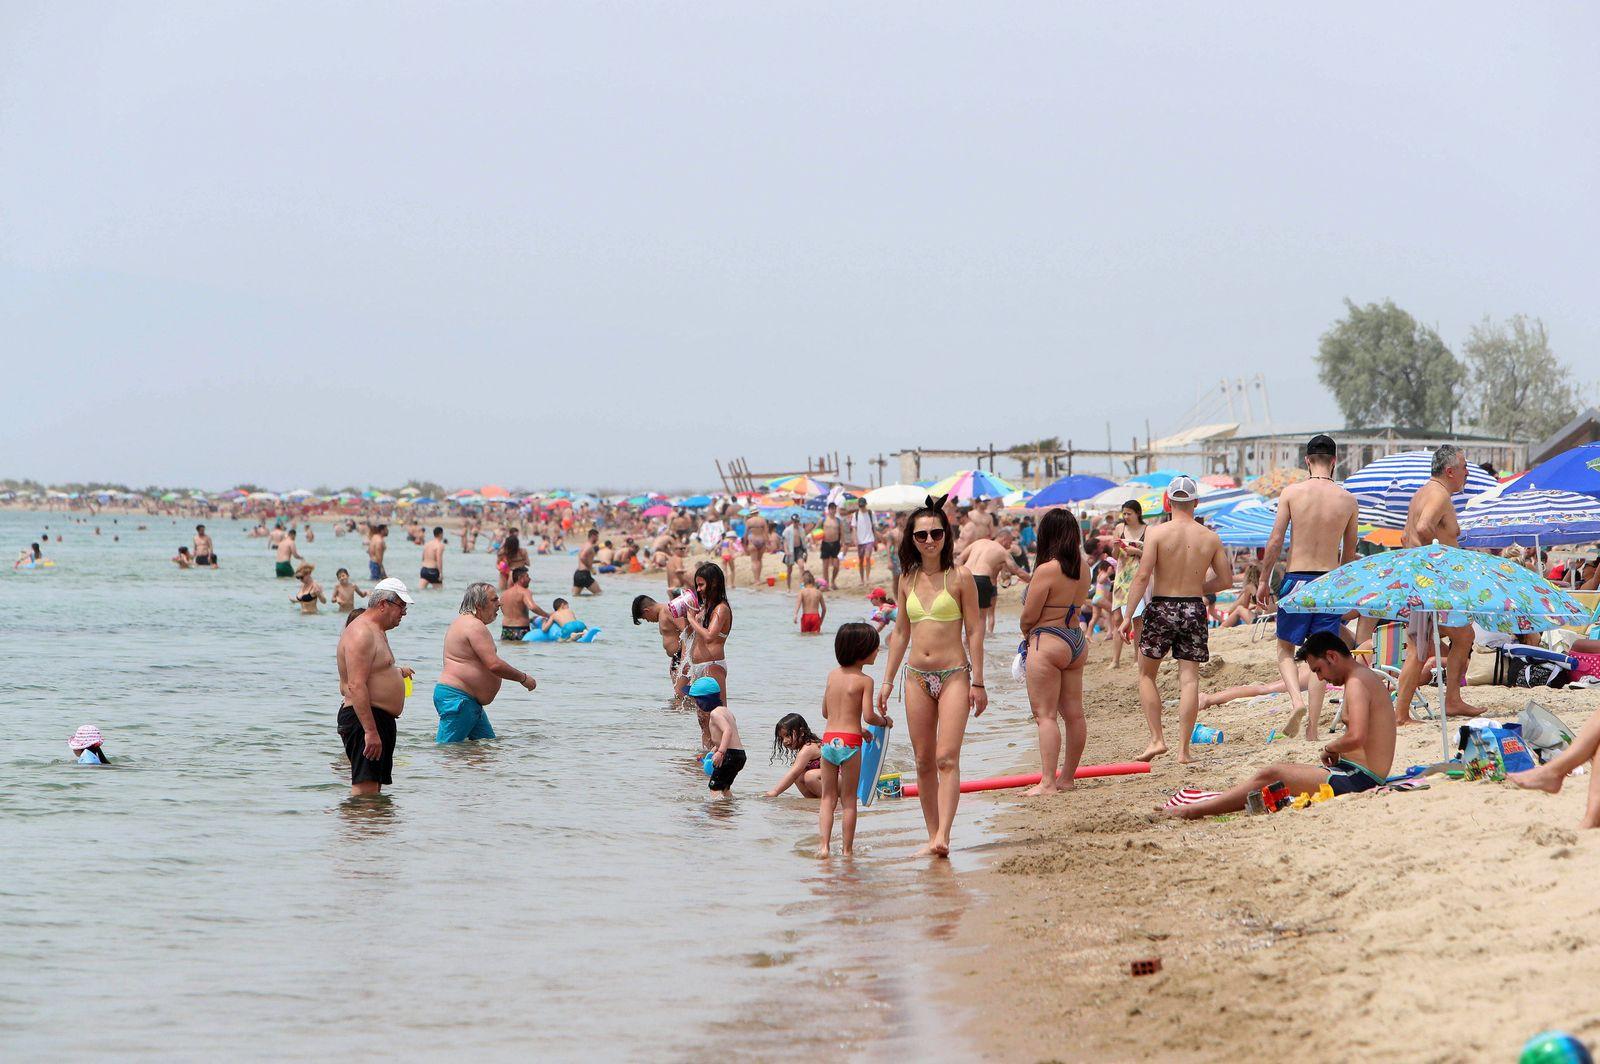 Momentaufnahme vom Potamos-Strand (Paralia Potamos) auf der griechischen Halbinsel Chalkidiki. Hunderte von organisierte